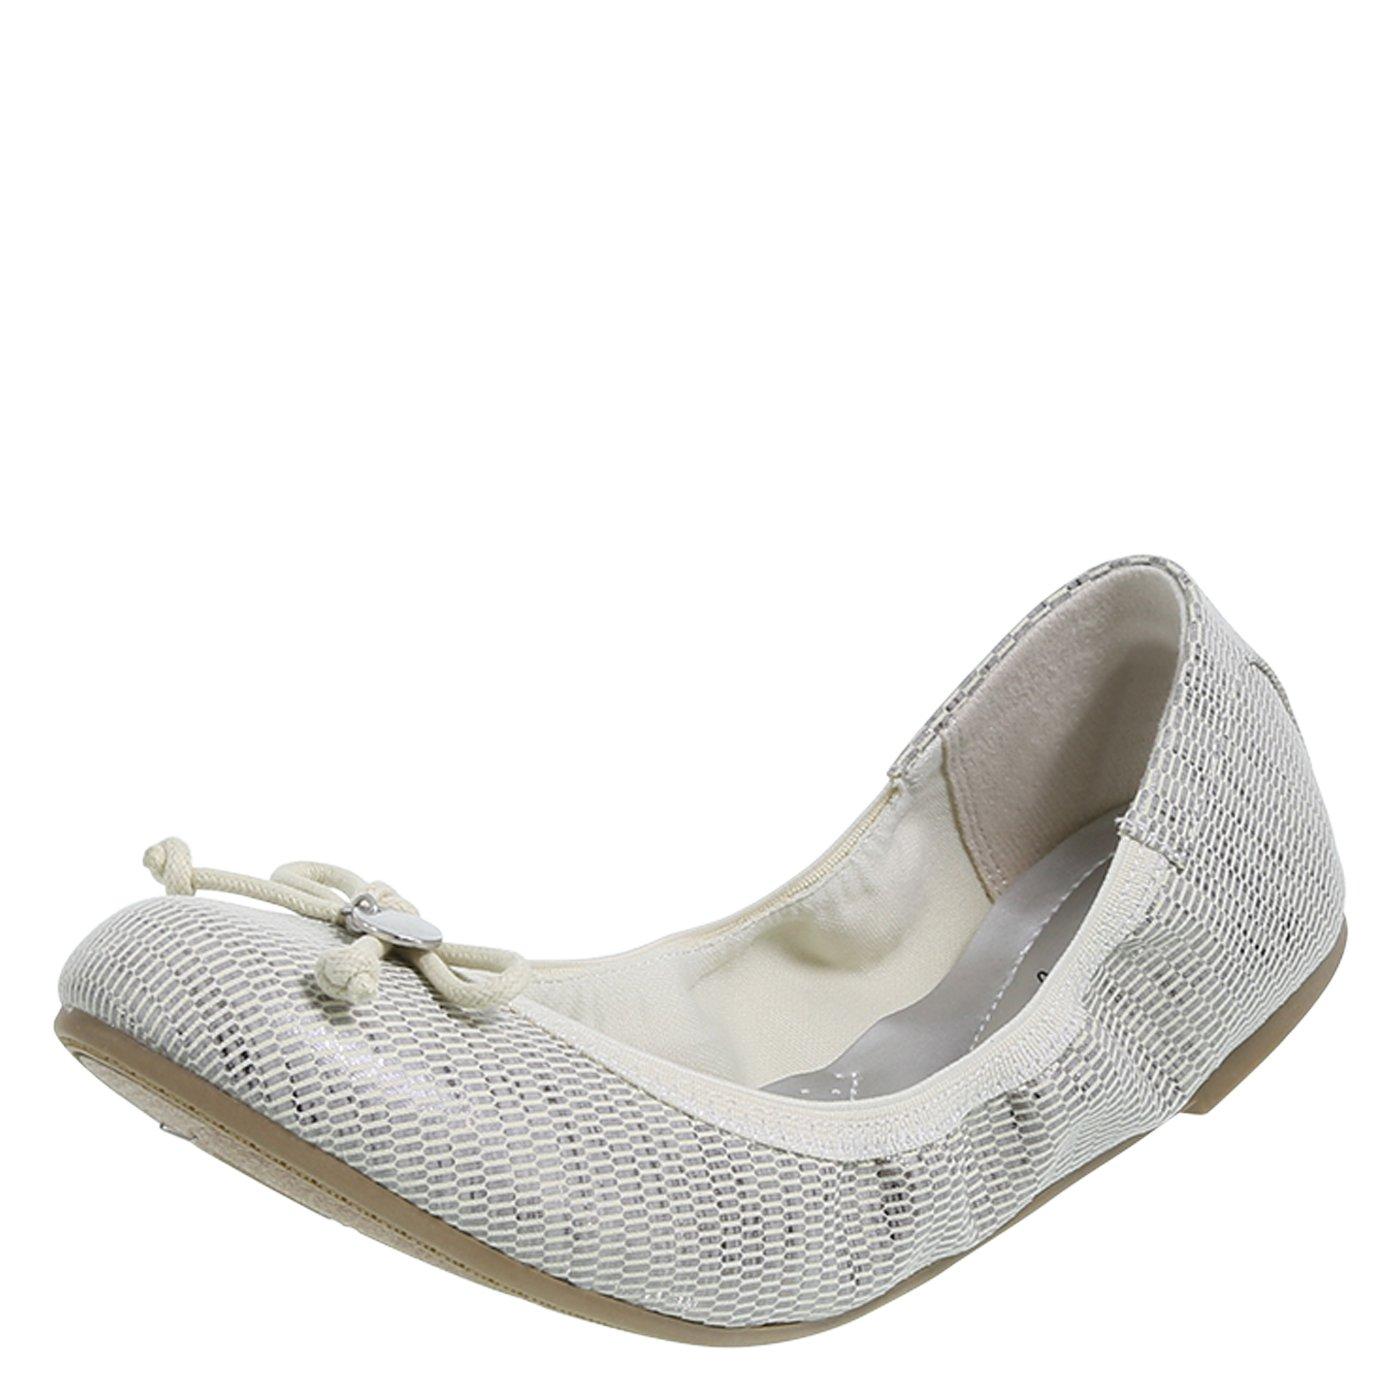 be980537e93 Galleon - Dexflex Comfort Women s Tan Silver Women s Caroline String Tie  Flat 7 Wide